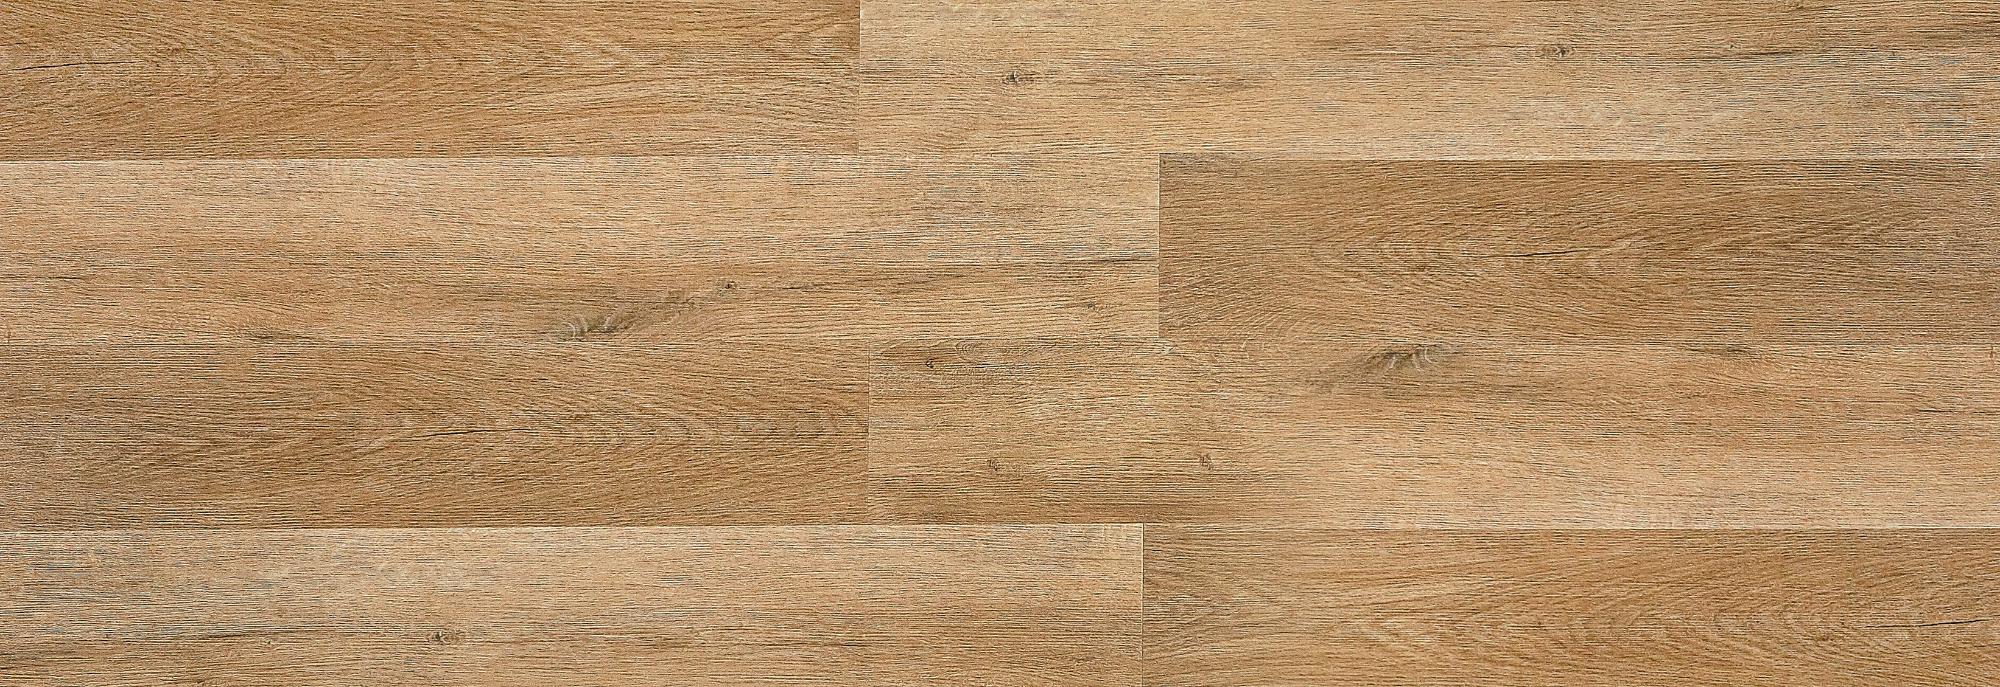 NOMAD FLO - NF10107  Lleida - Vinylová podlaha s kompozitním jádrem - Click